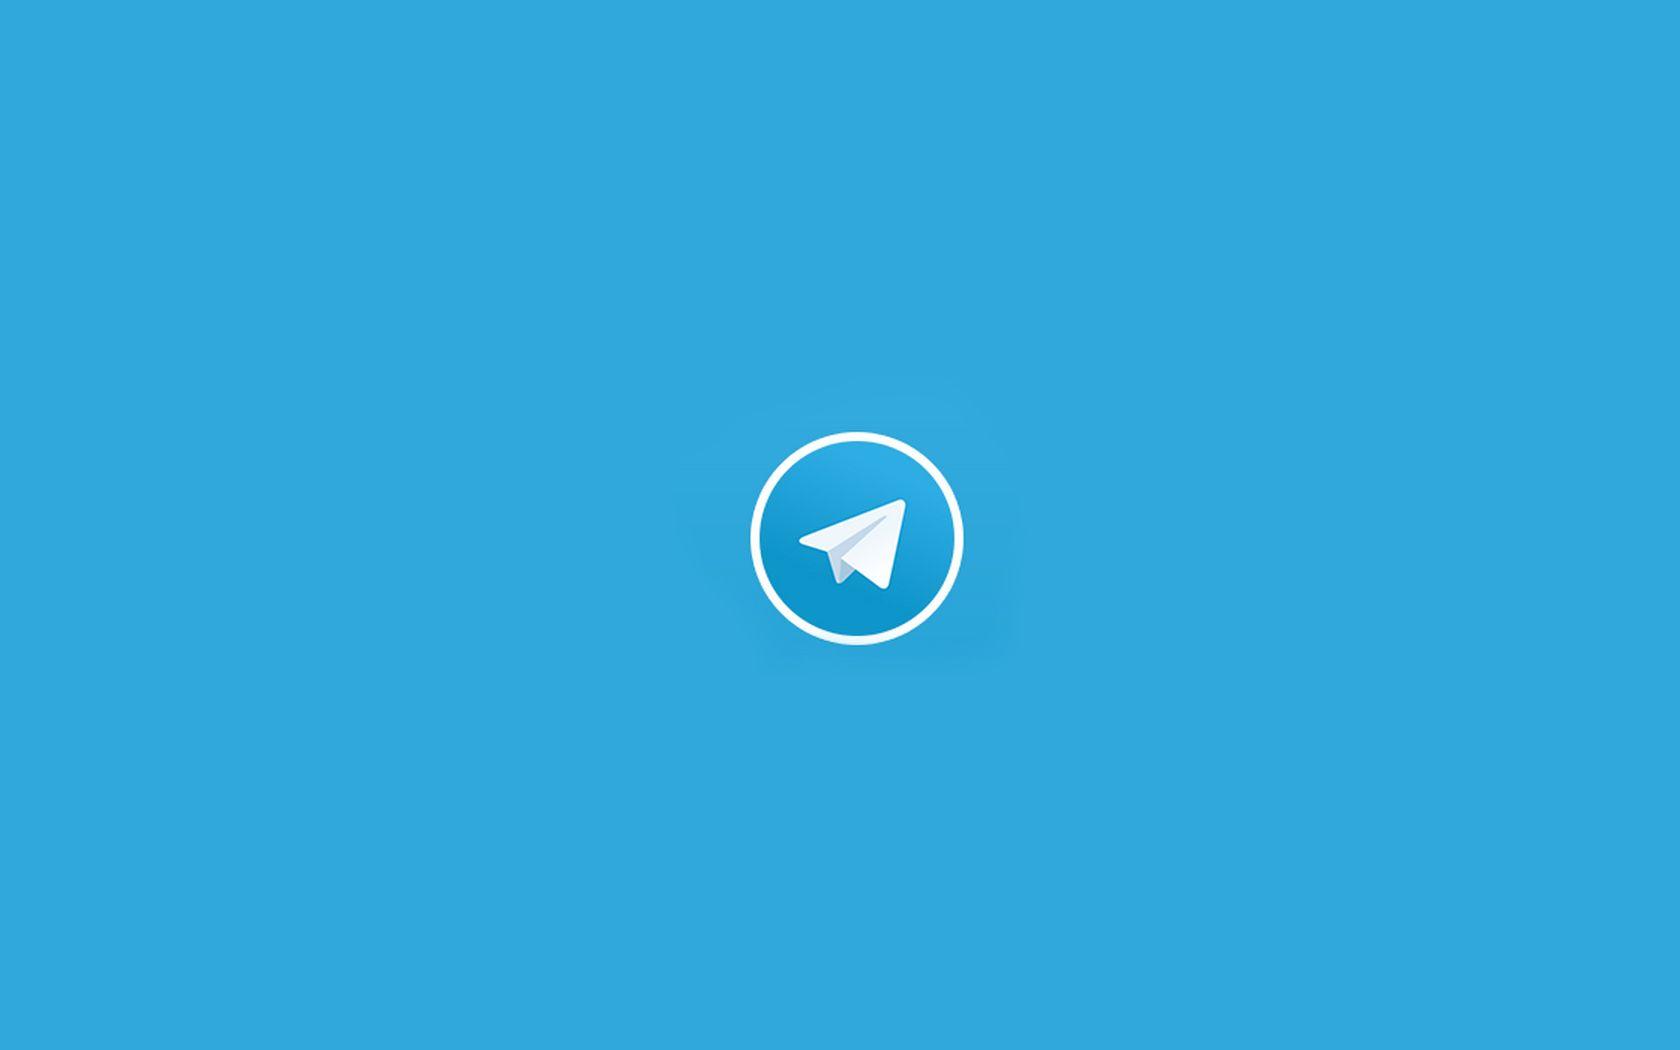 Telegram Messenger App Design archives Telegram app